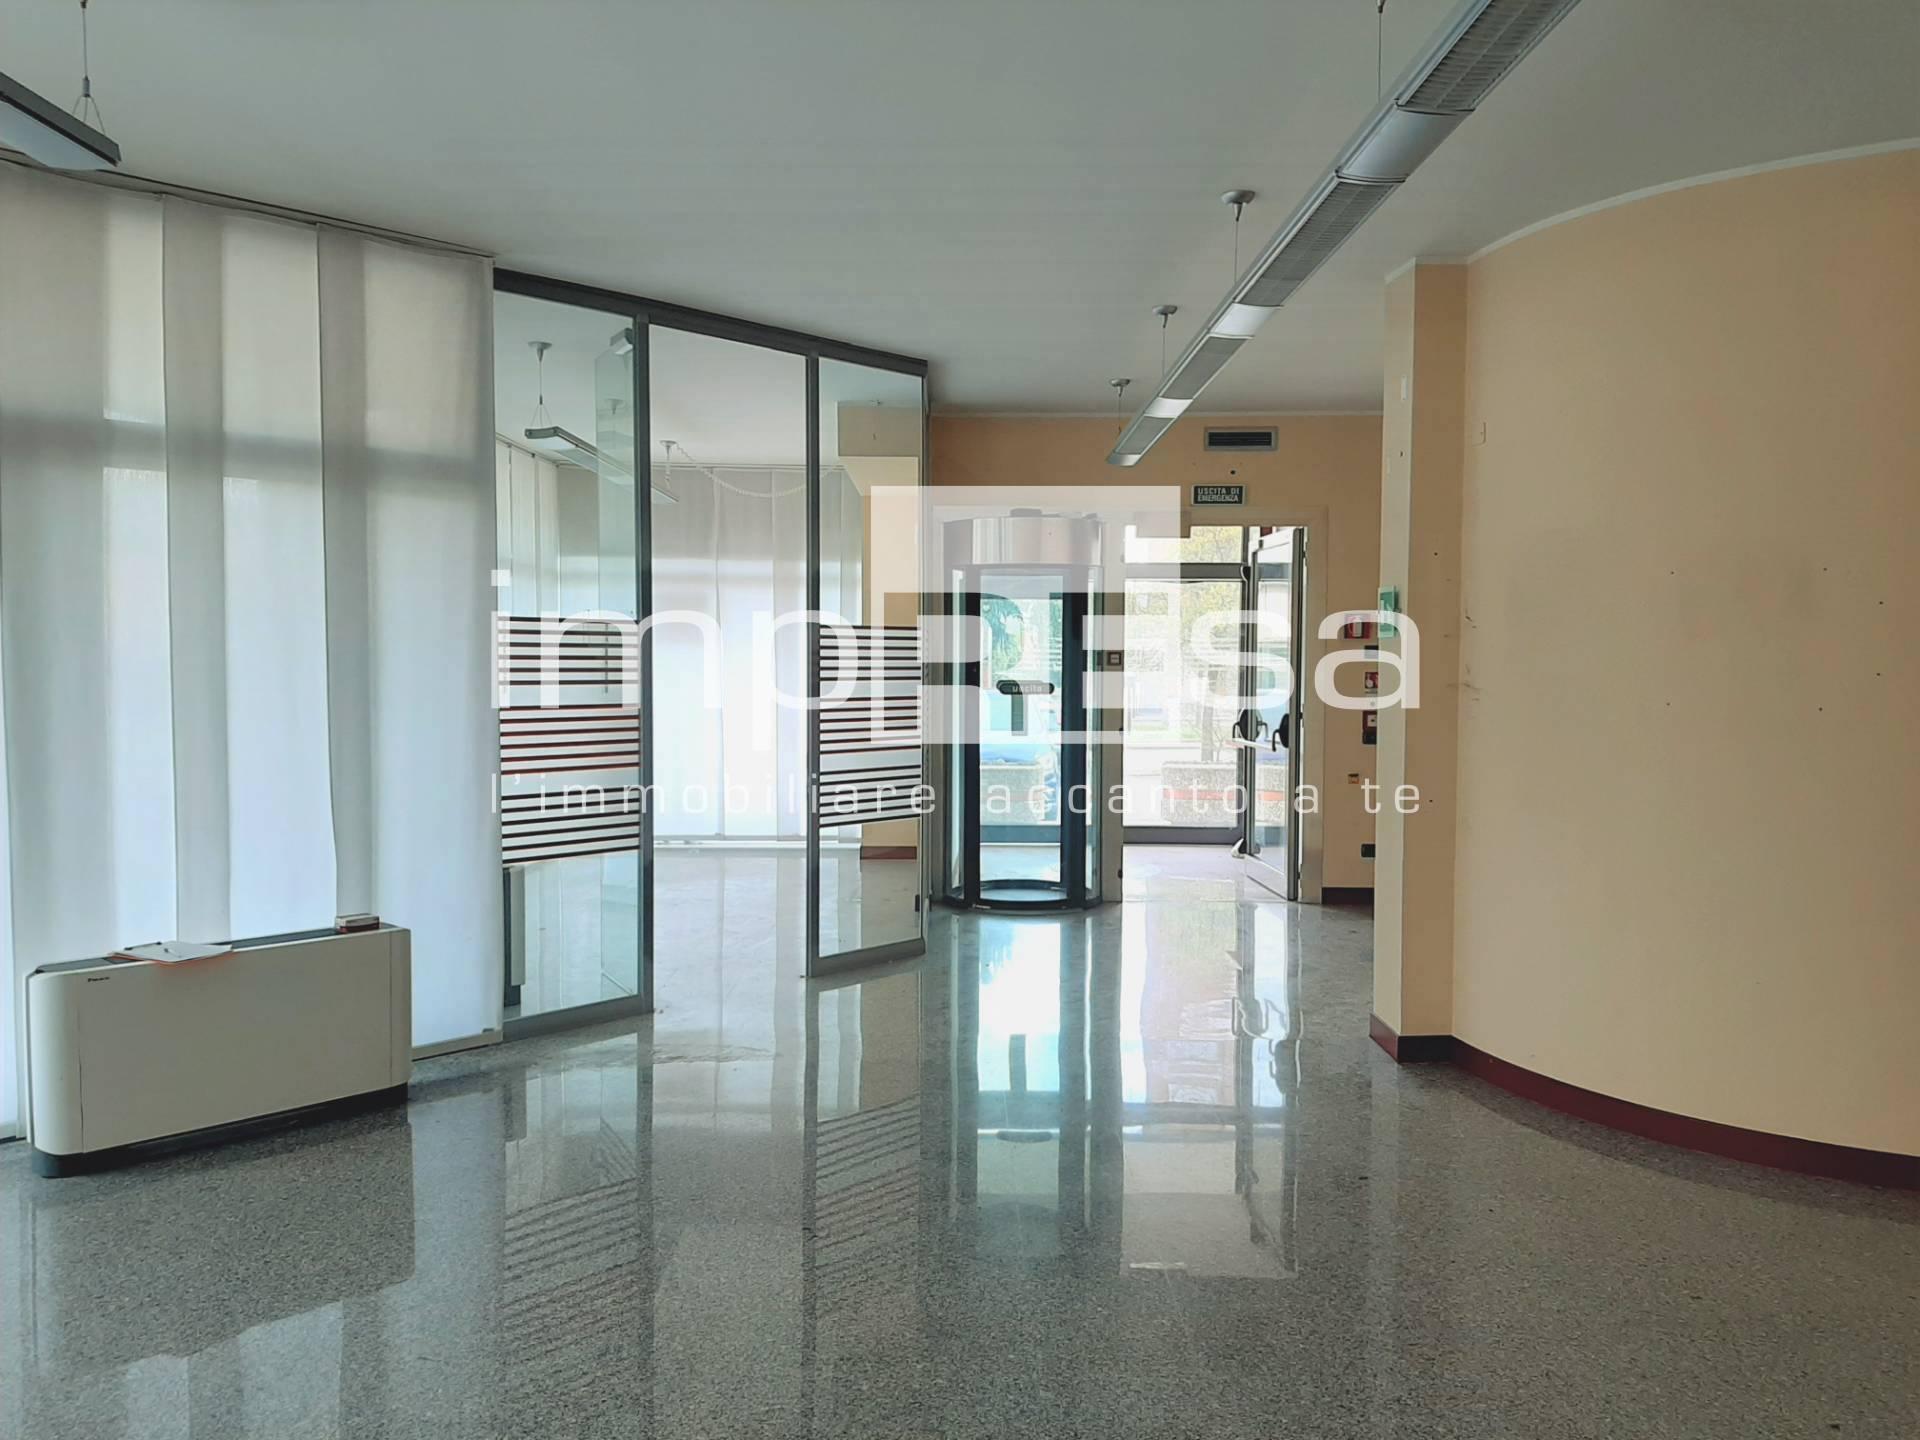 Negozio / Locale in affitto a Treviso, 9999 locali, zona useppe, prezzo € 1.800   PortaleAgenzieImmobiliari.it